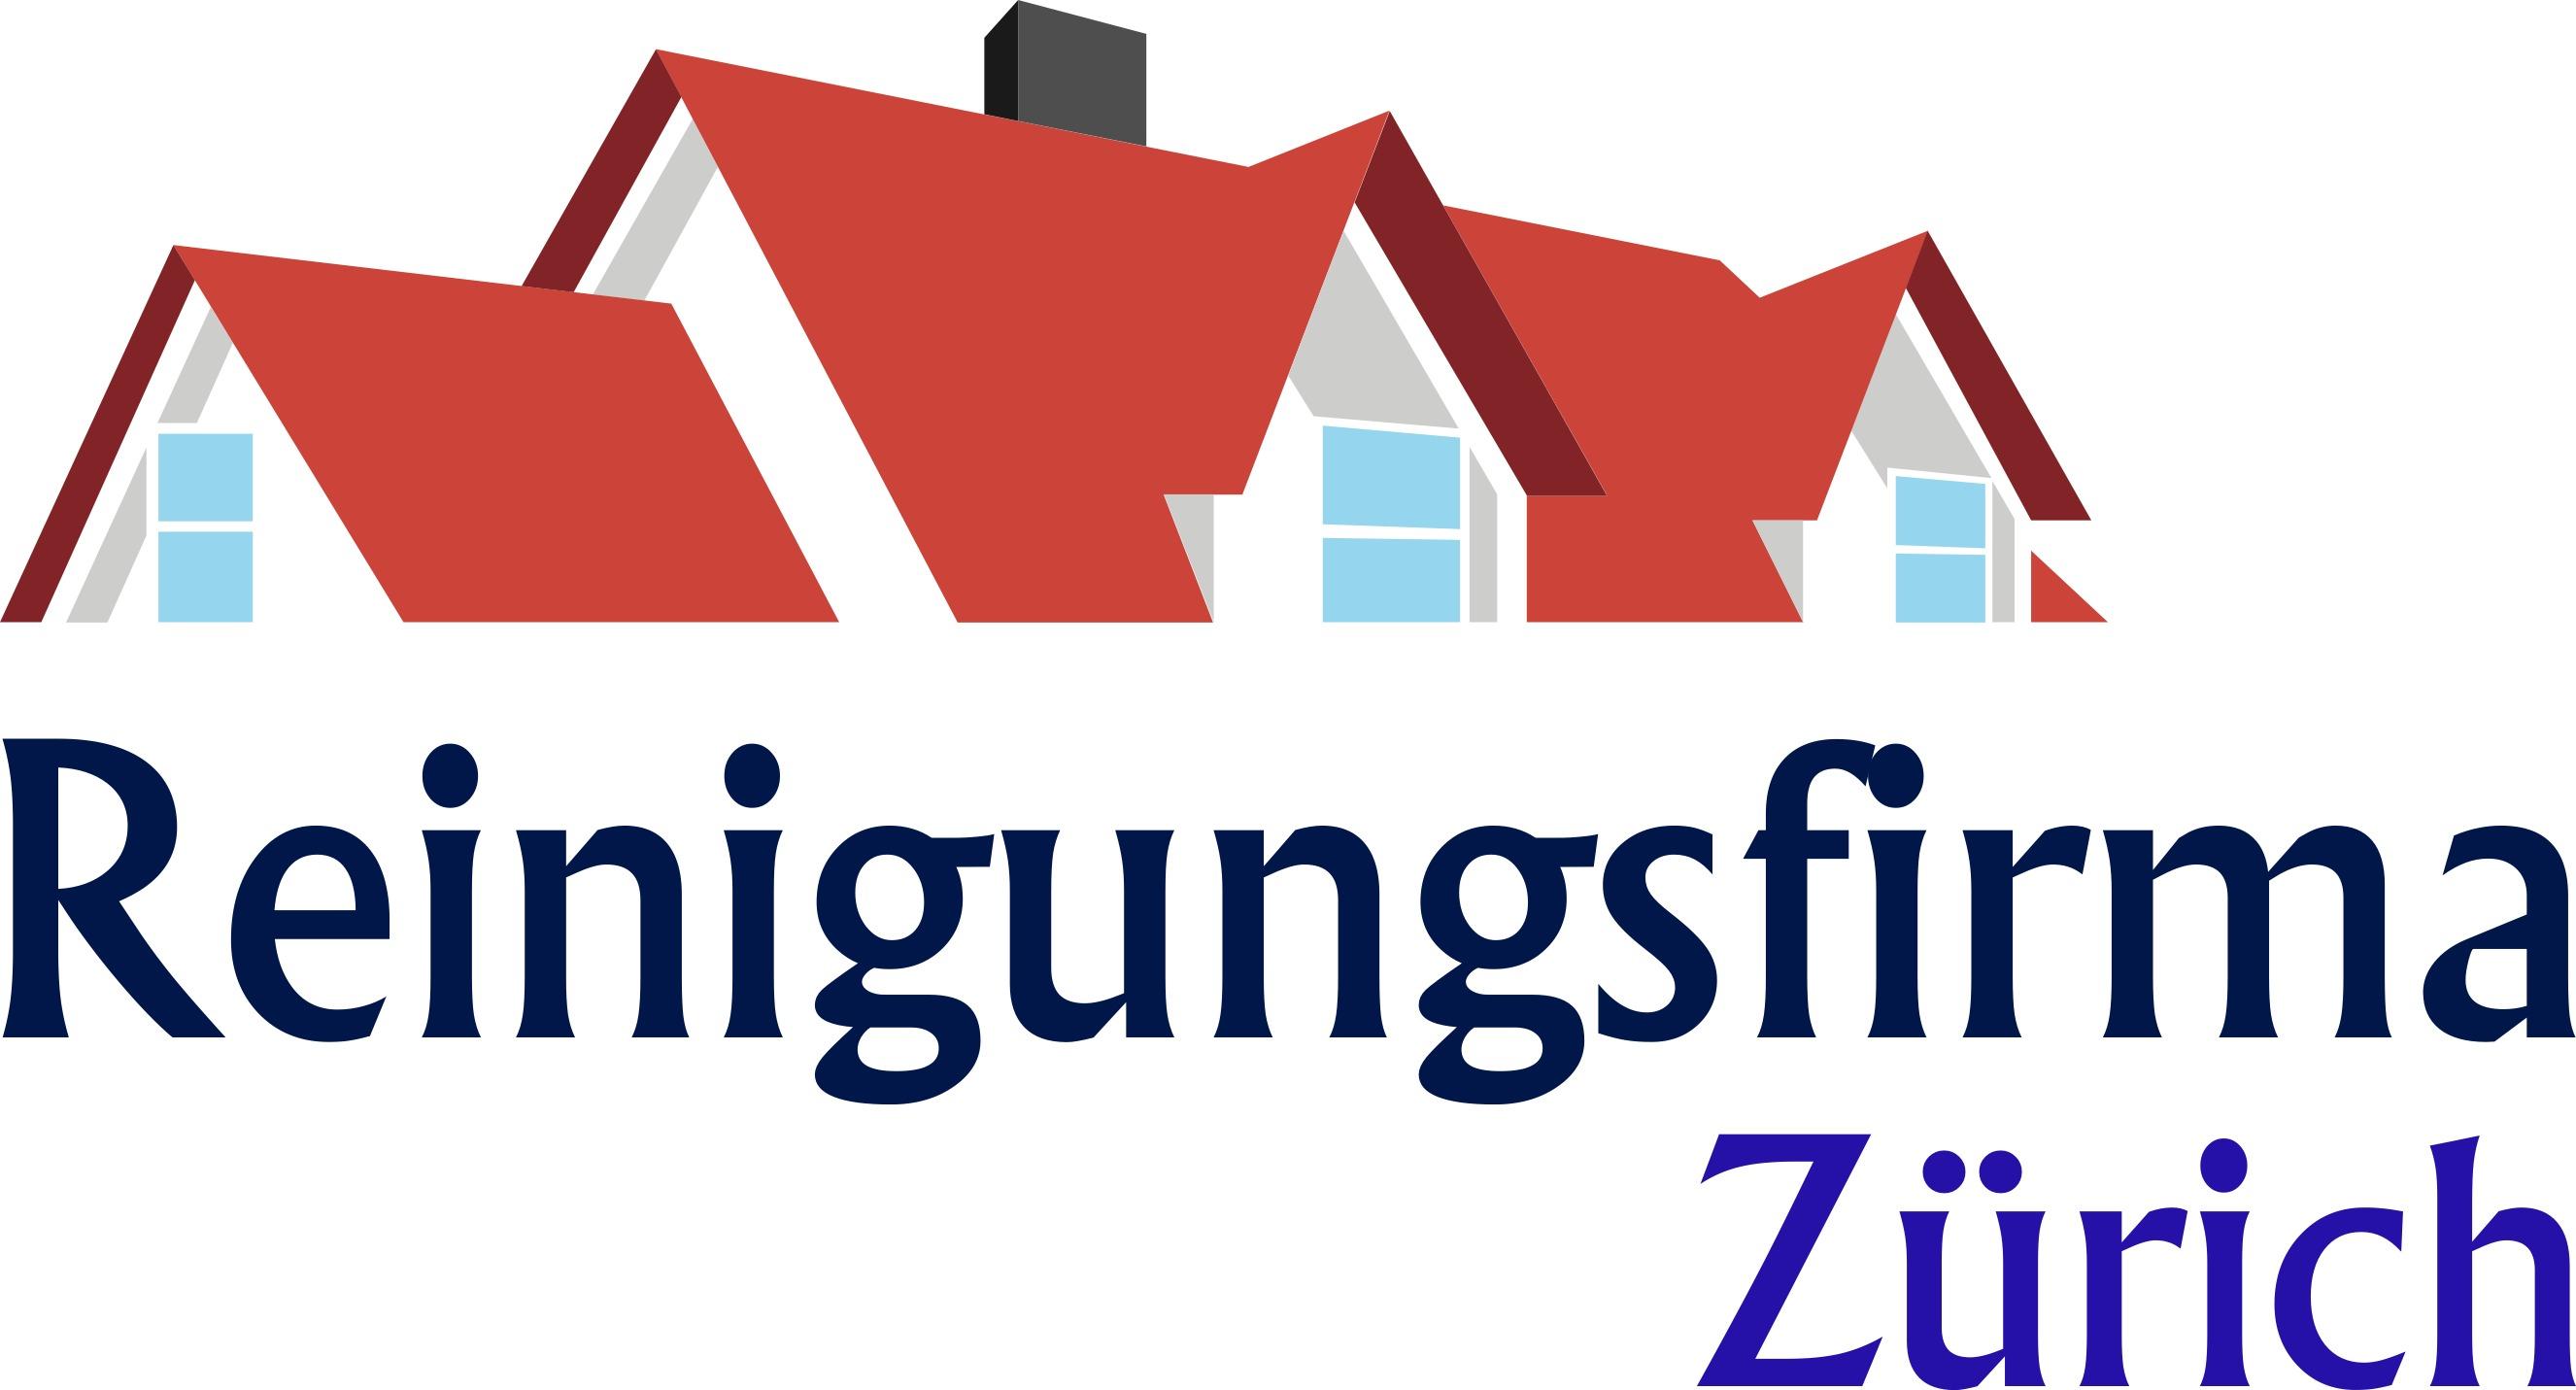 Reinigungsfirma-zürich Ihre Reinigungsfirma Zürich